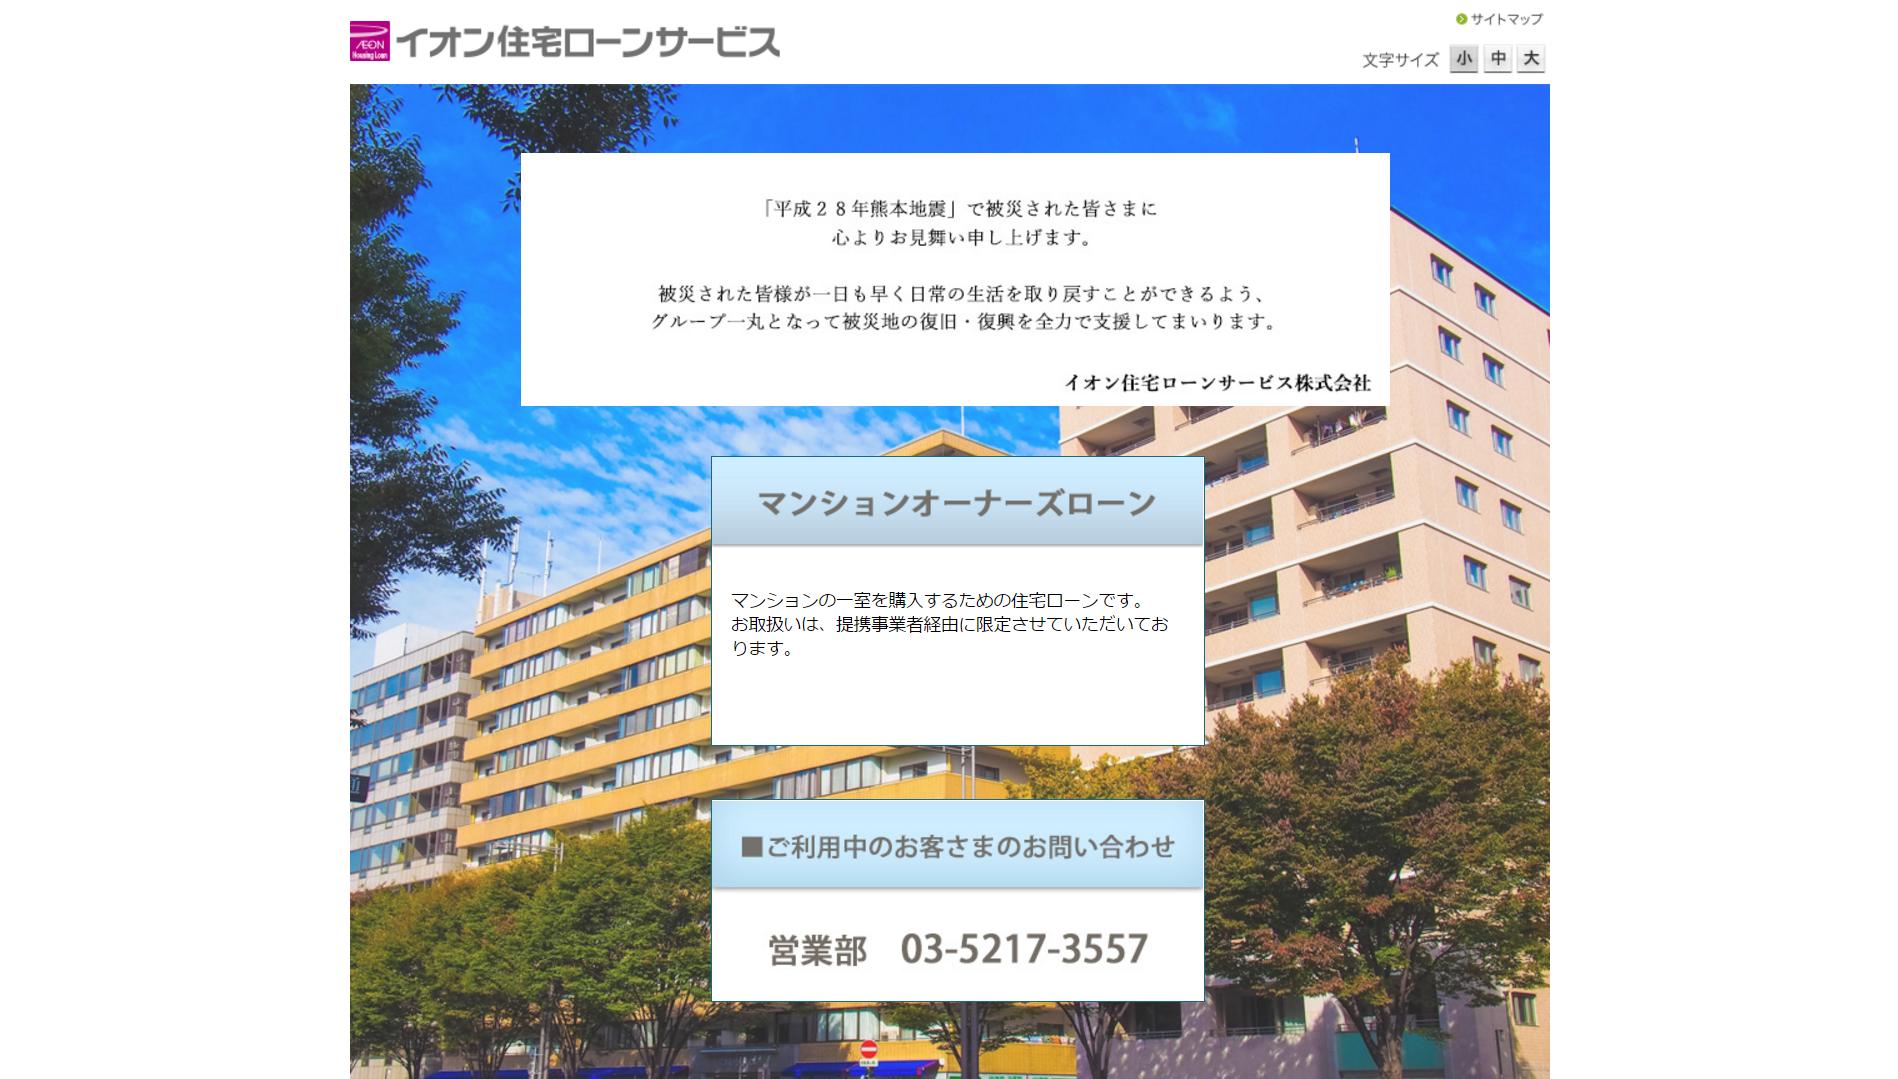 イオン住宅ローンサービス(東京都千代田区神田錦町)